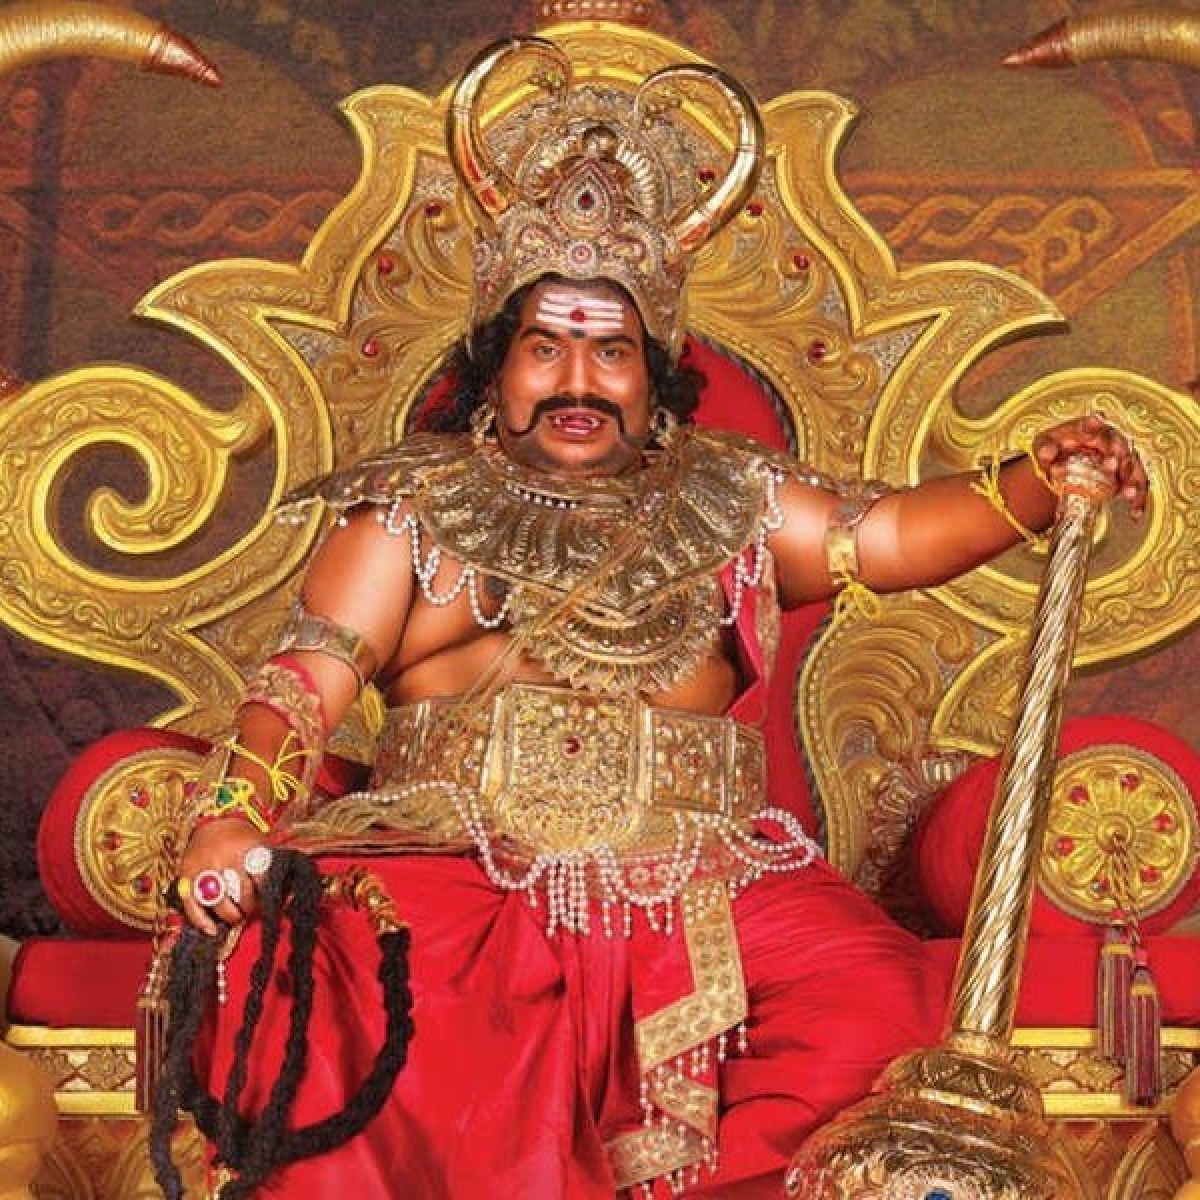 ```இயக்குநர்' யோகி பாபு, நல்ல நடிகர் ஆகிட்டார்!'' - `தர்மபிரபு' முத்துக்குமரன்